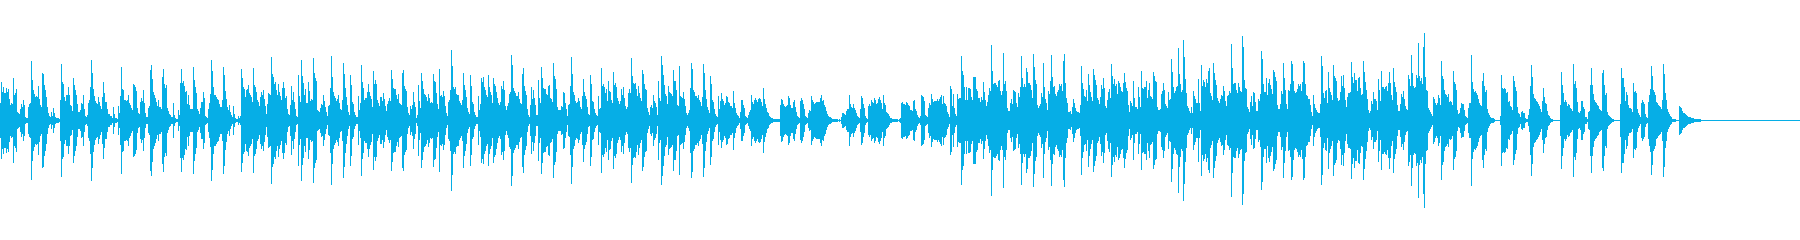 コソコソと移動しているイメージのジャズの再生済みの波形